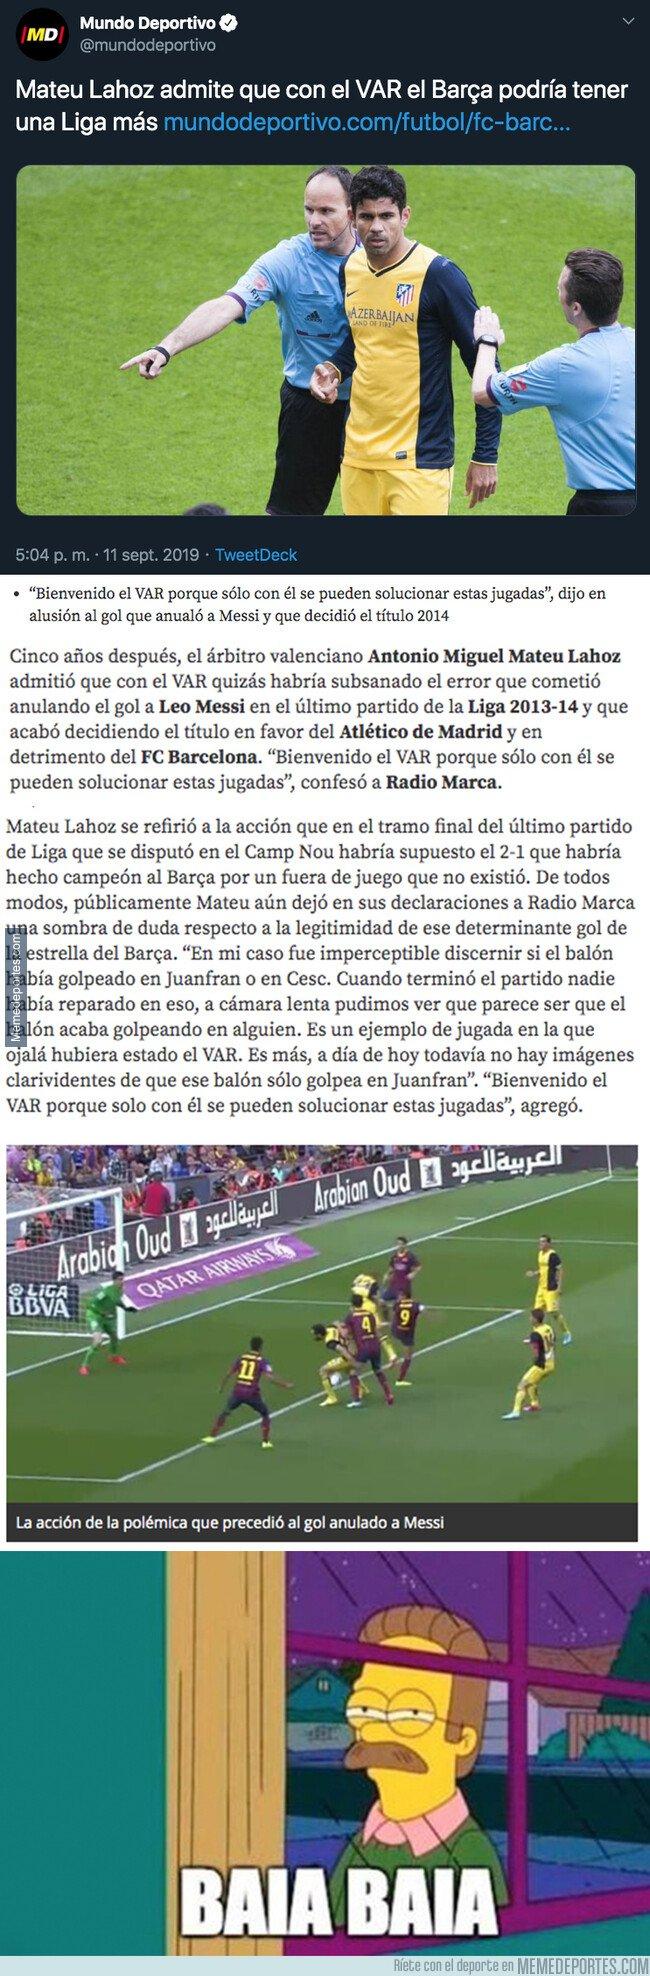 1085577 - Escándalo: Esto explica Mateu Lahoz sobre el título de Liga que ganó el Atlético de Madrid frente al Barça en la última jornada